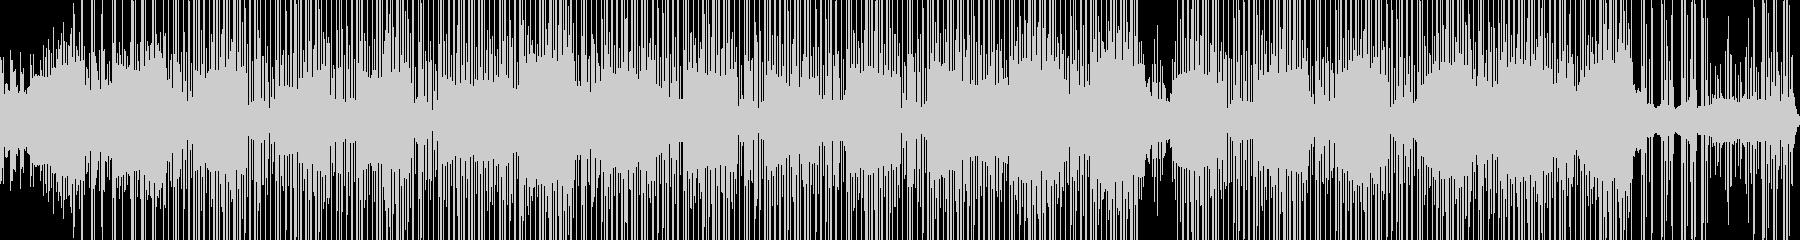 ヒップホップ楽器。すばらしく、スト...の未再生の波形